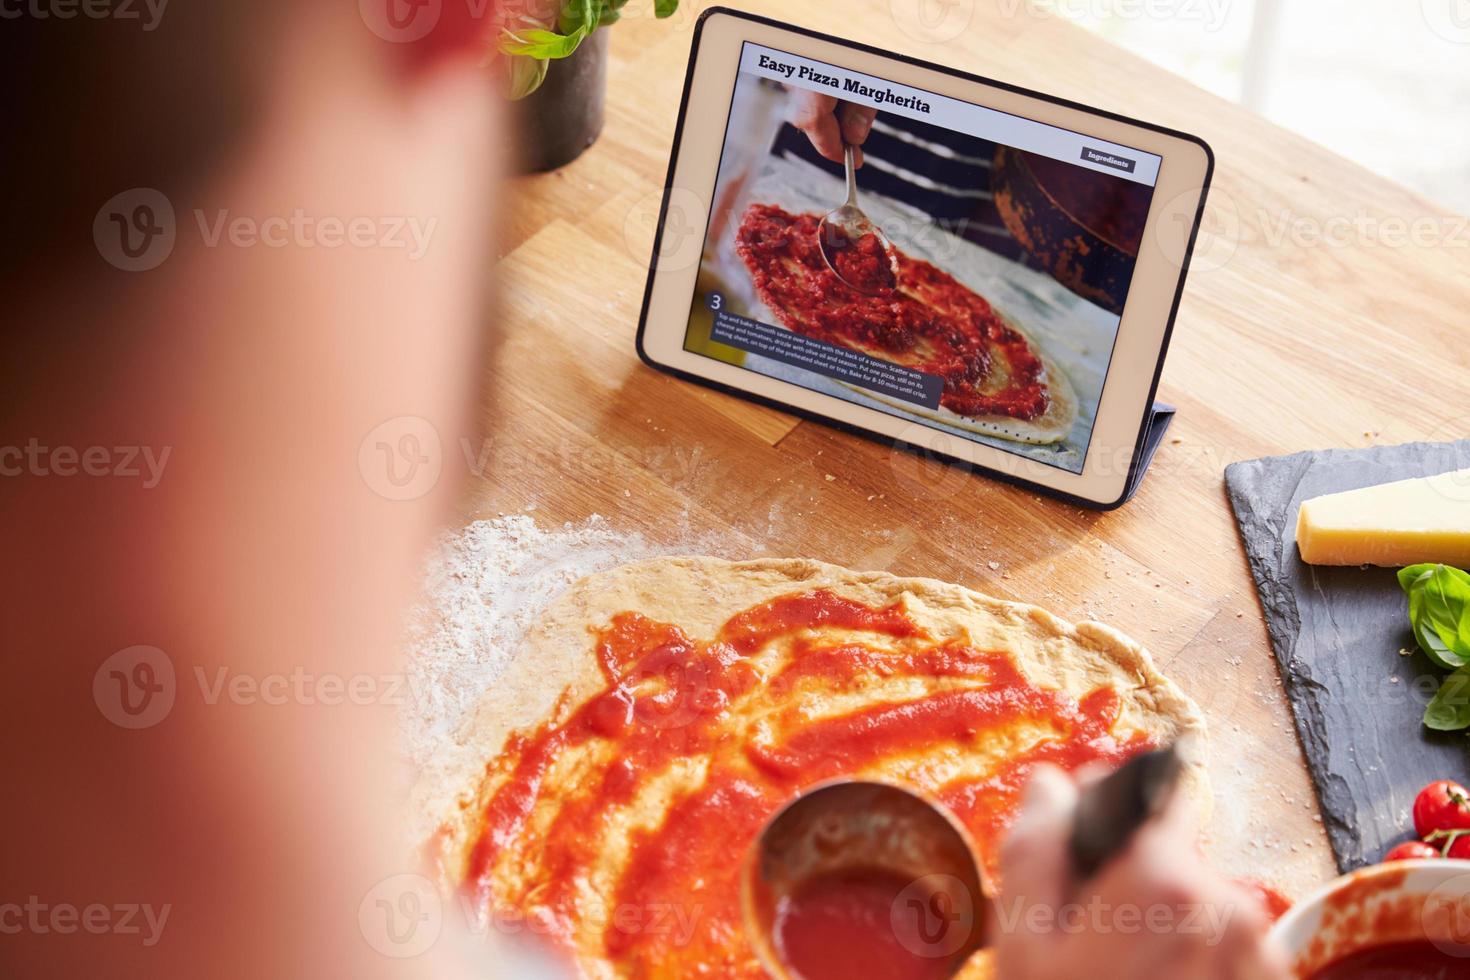 personne, suivant, pizza, recette, utilisation, app, numérique, tablette photo